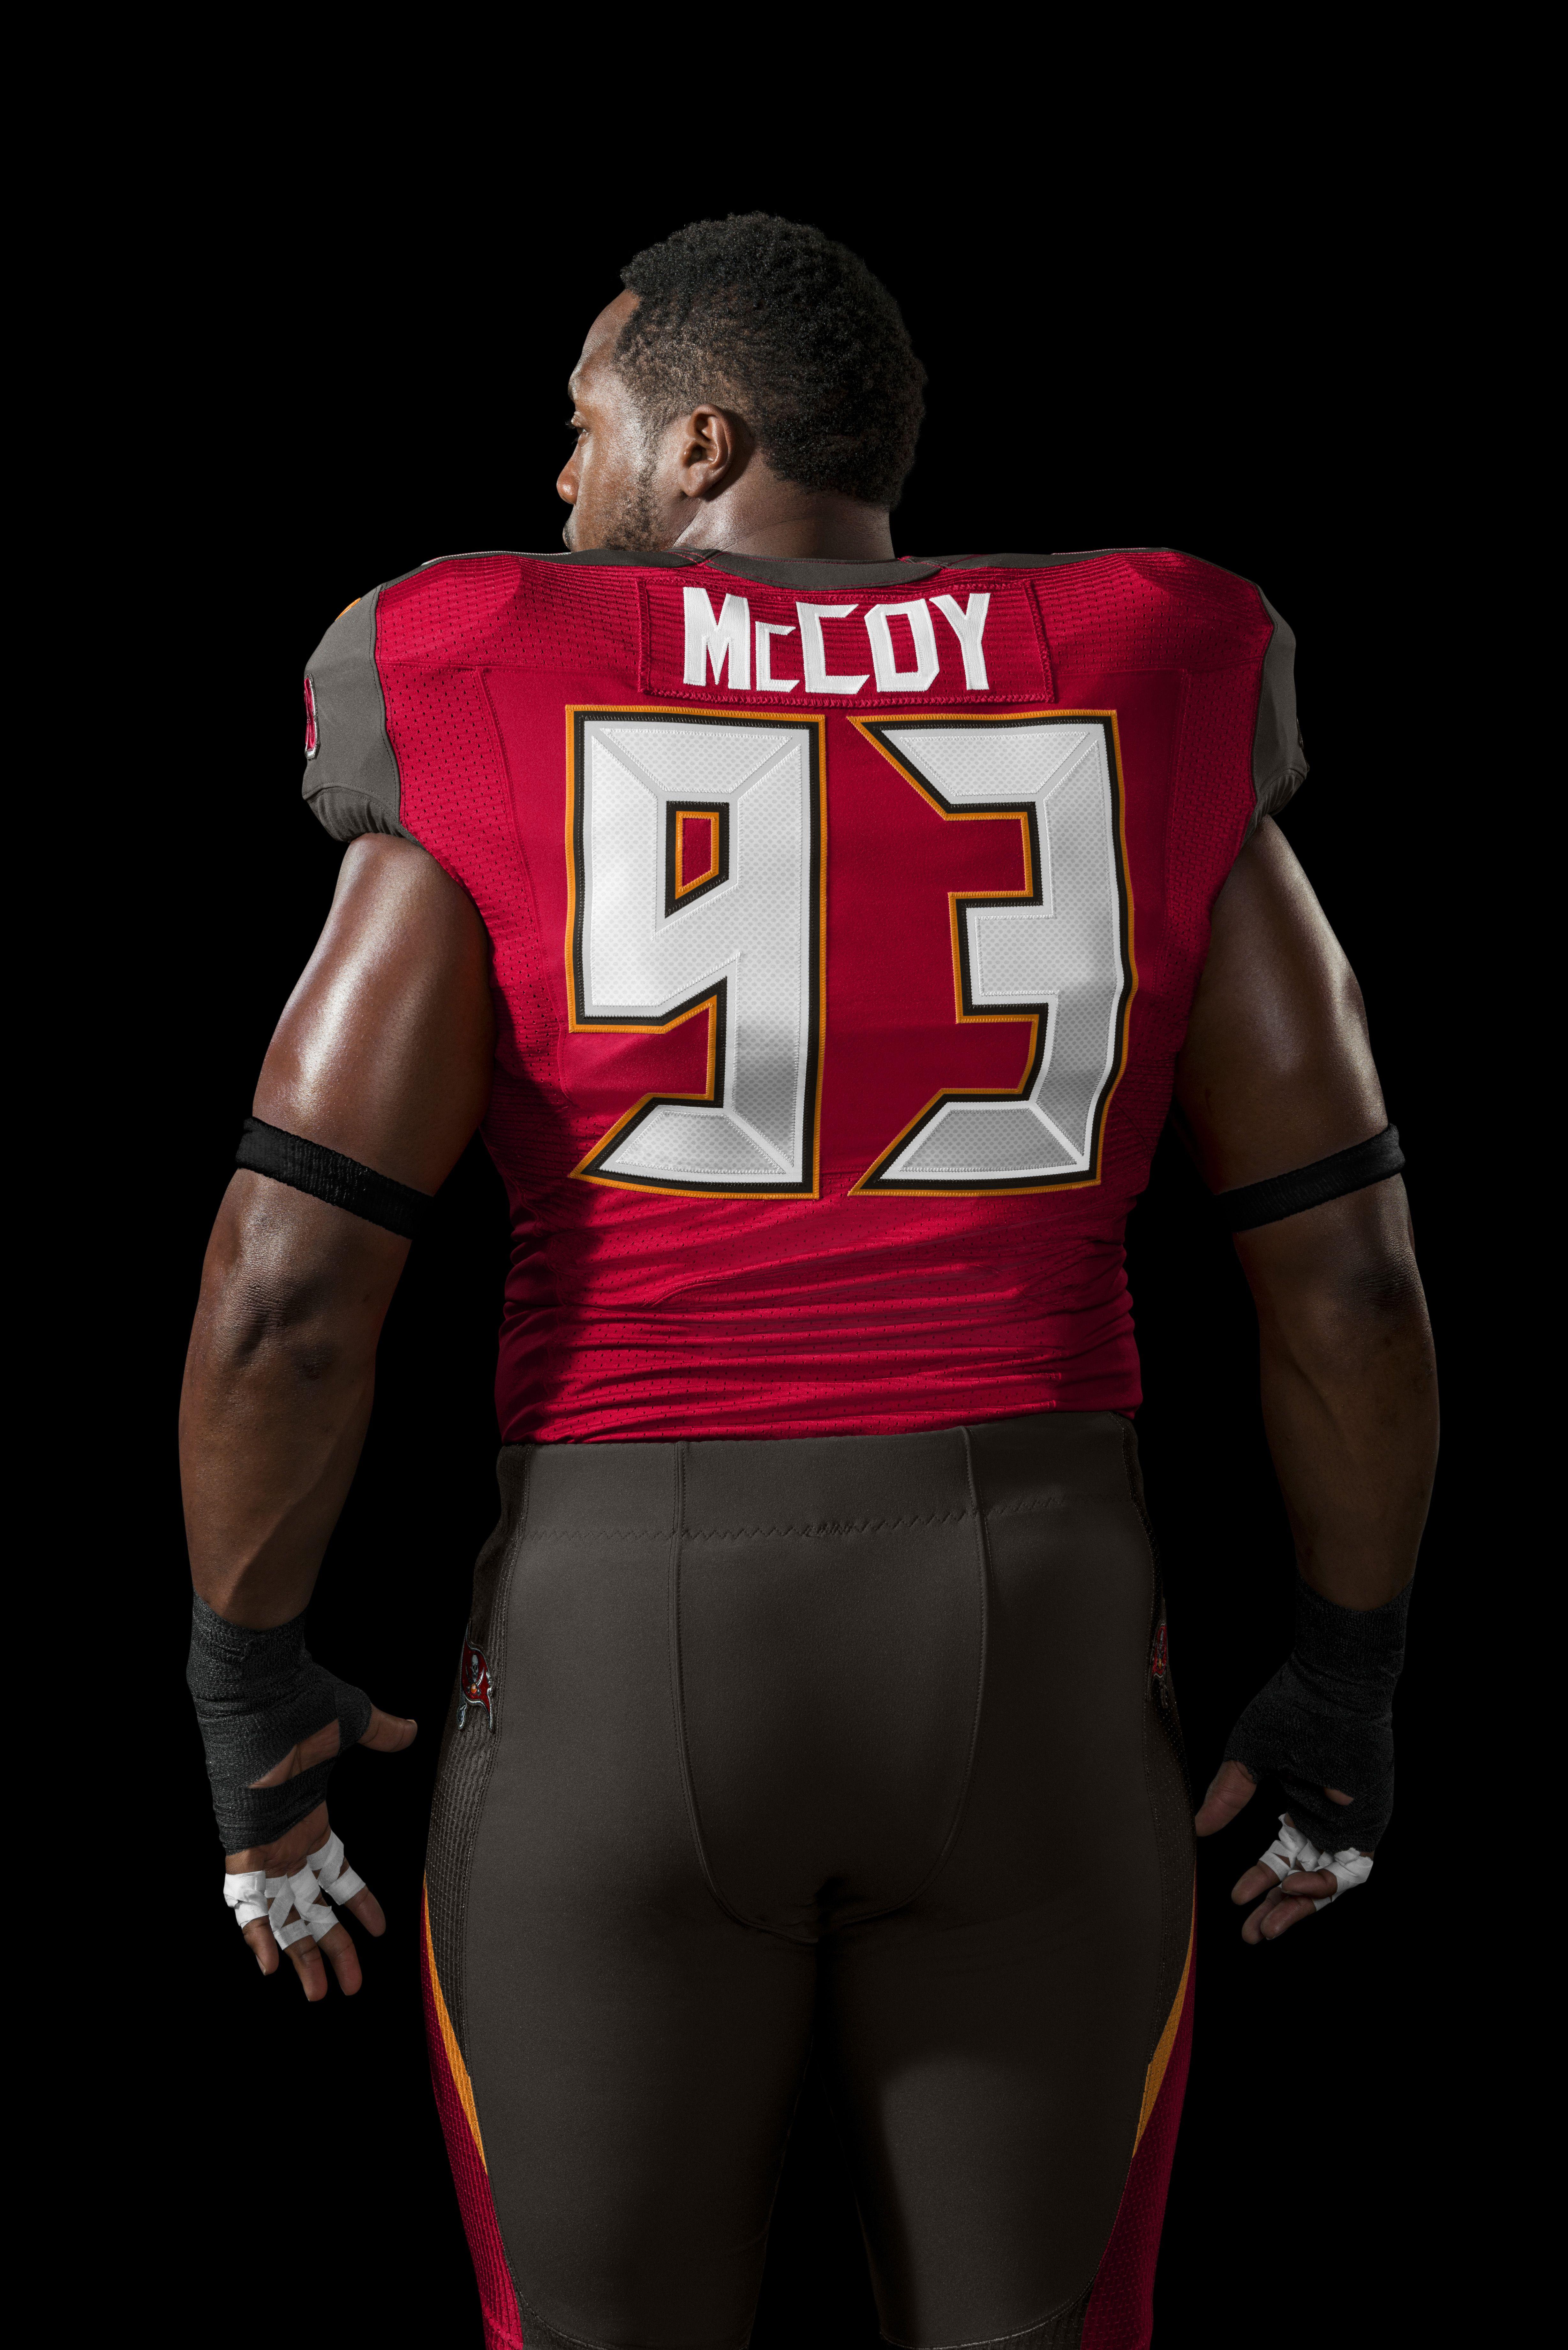 e8c6d3d68 Gerald McCoy in the new-look  Bucs uniform (2014)